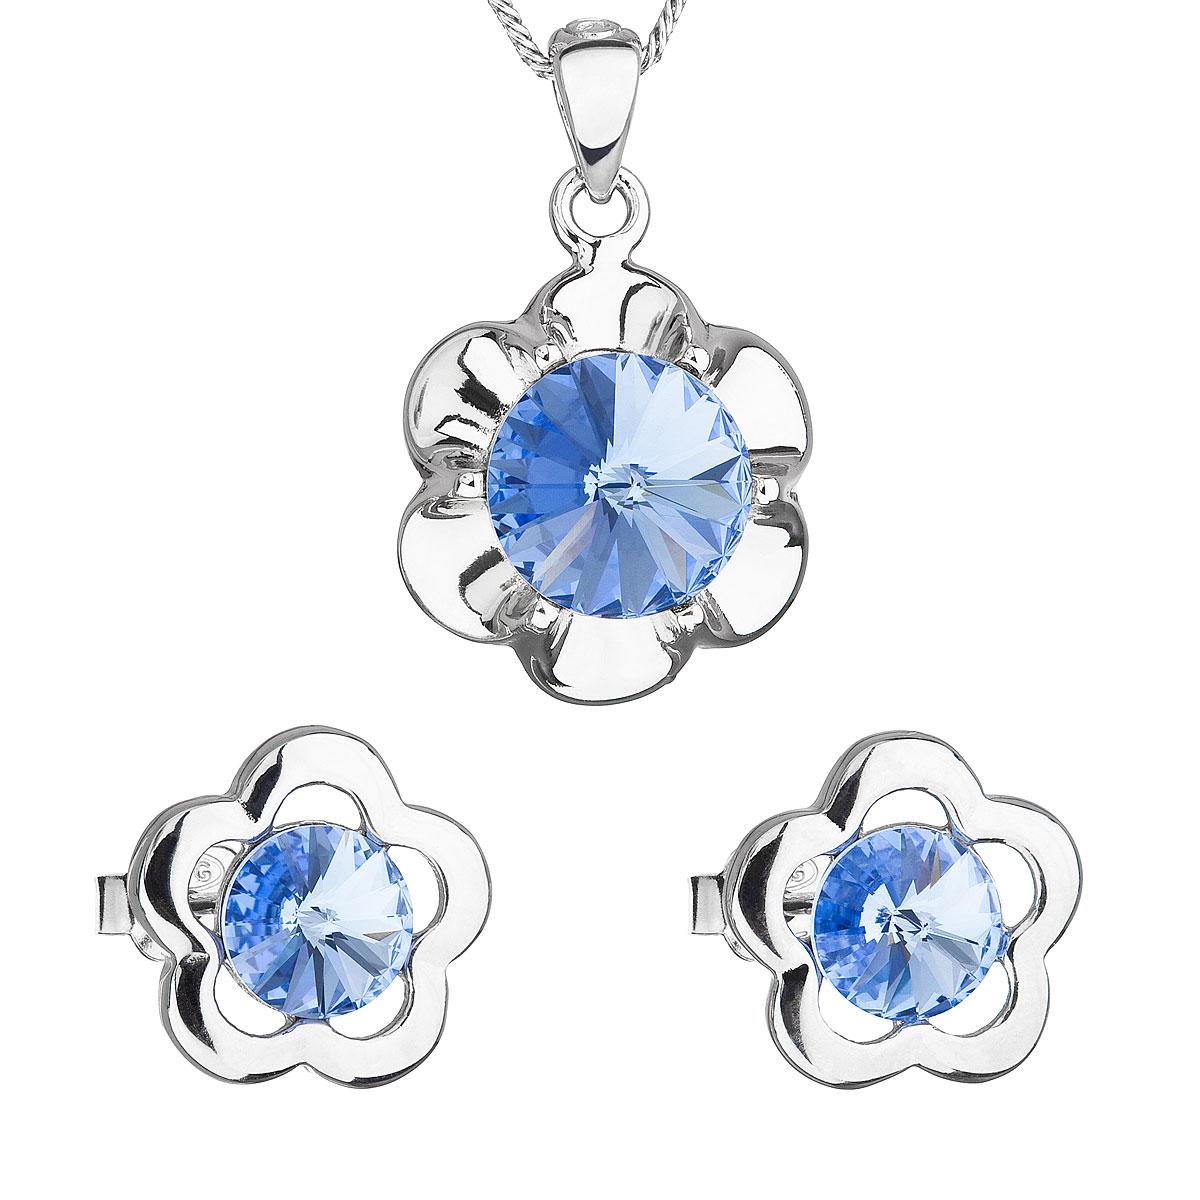 Sada šperkov s krištálmi Swarovski náušnice,retiazka a prívesok modrá kytička 39173.3